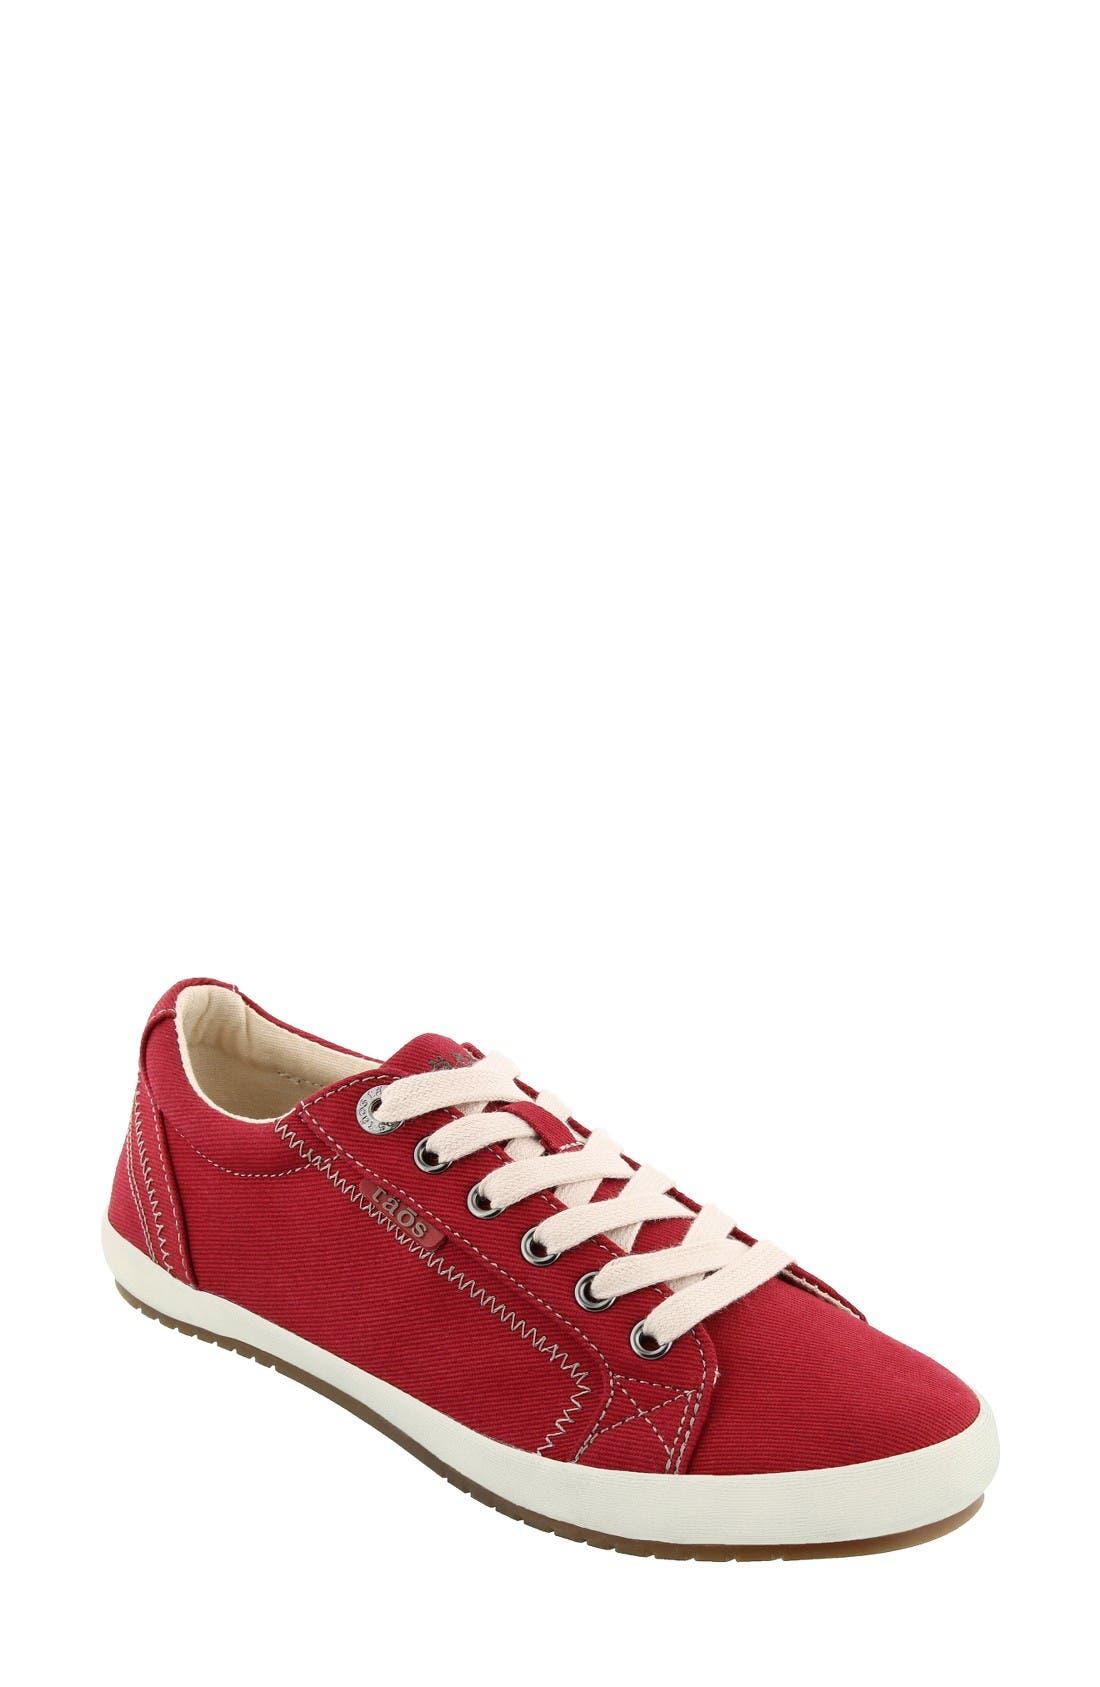 Main Image - Taos 'Star' Sneaker (Women)